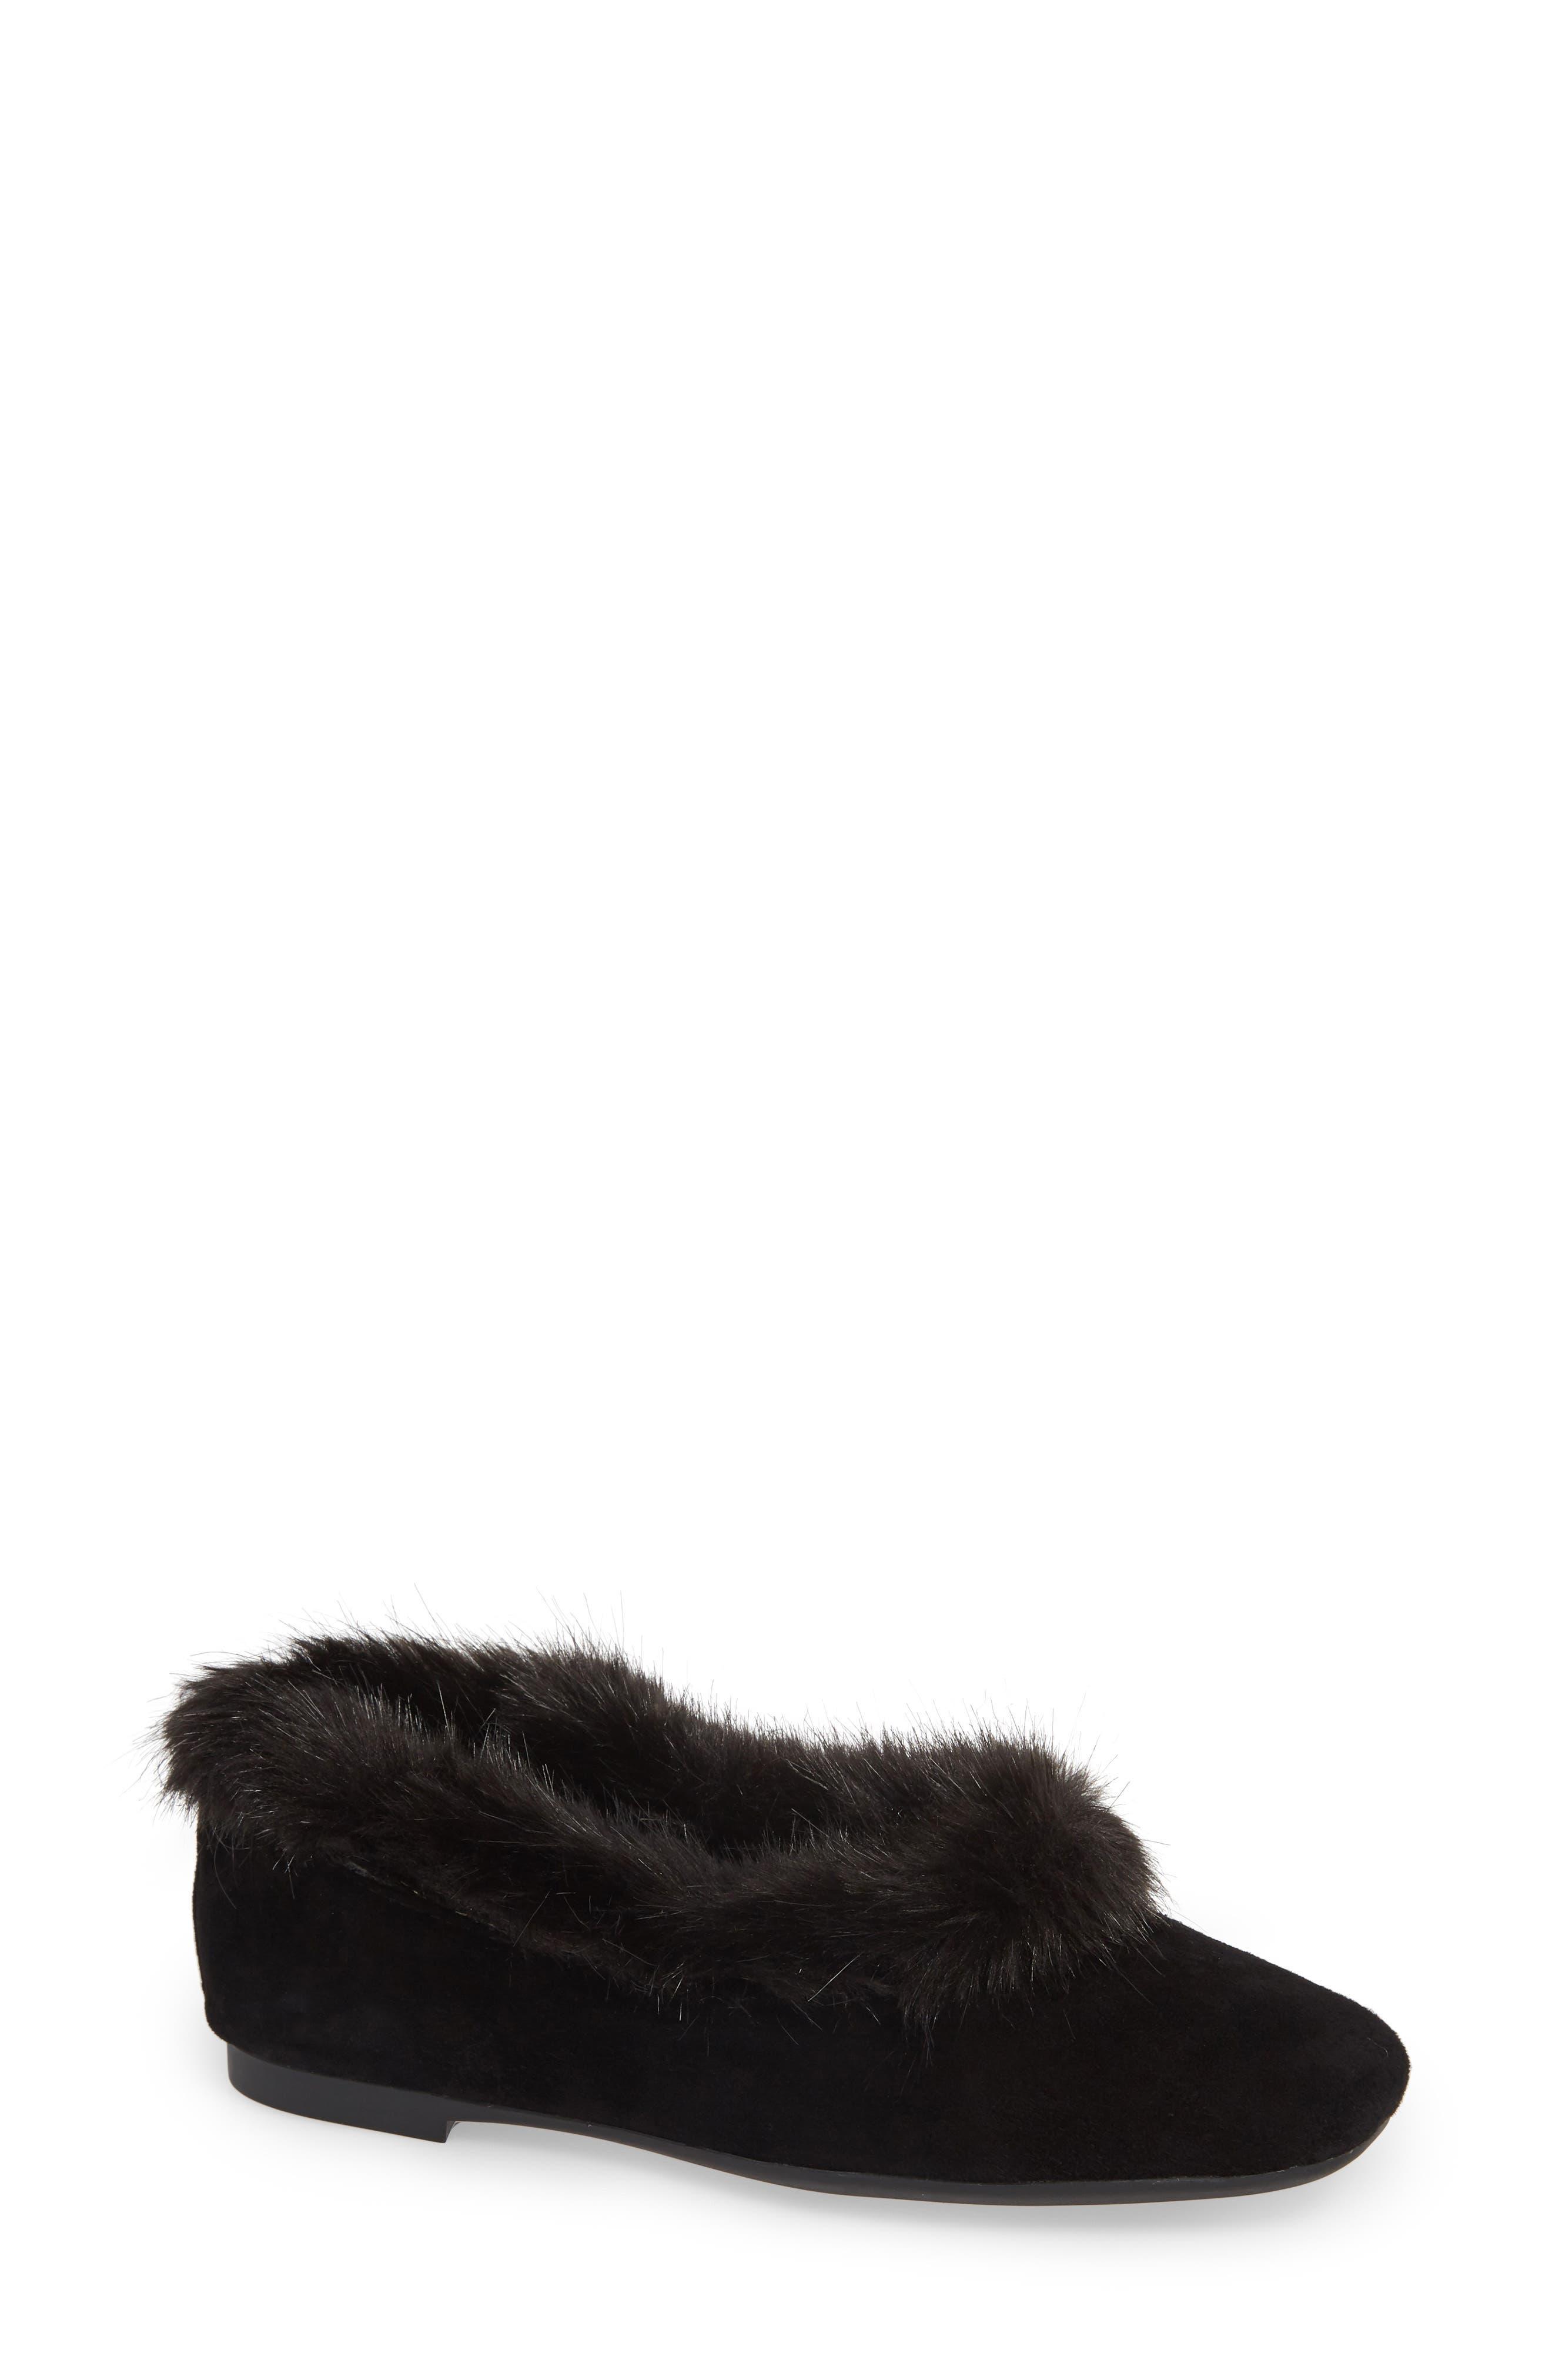 TARYN ROSE Ryanne Water Resistant Faux Fur Flat in Black Suede